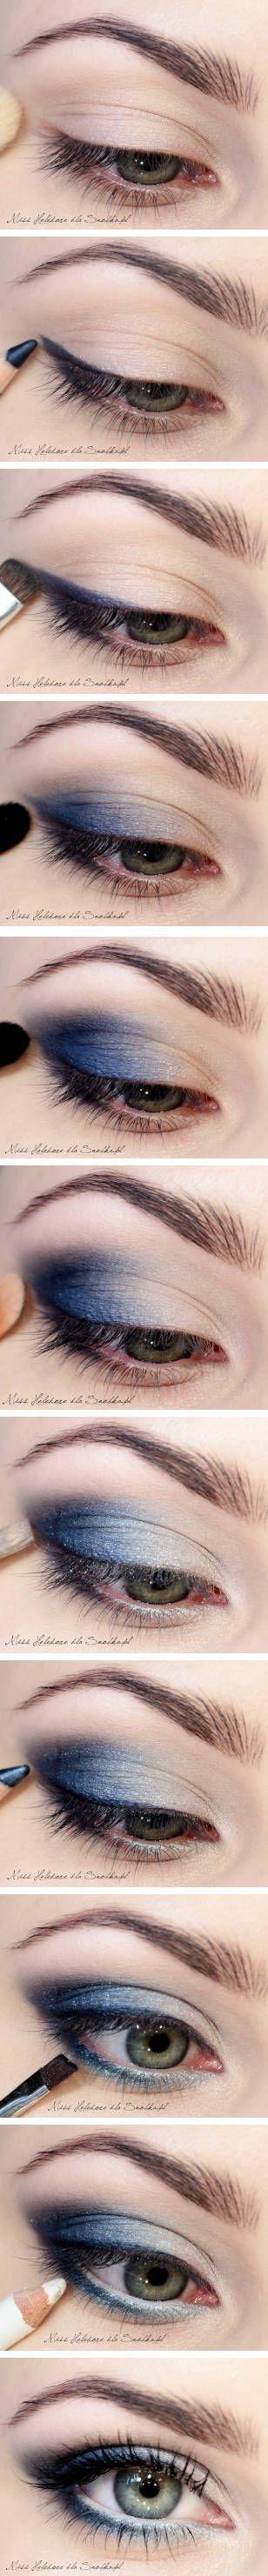 Blue Jeans Makeup